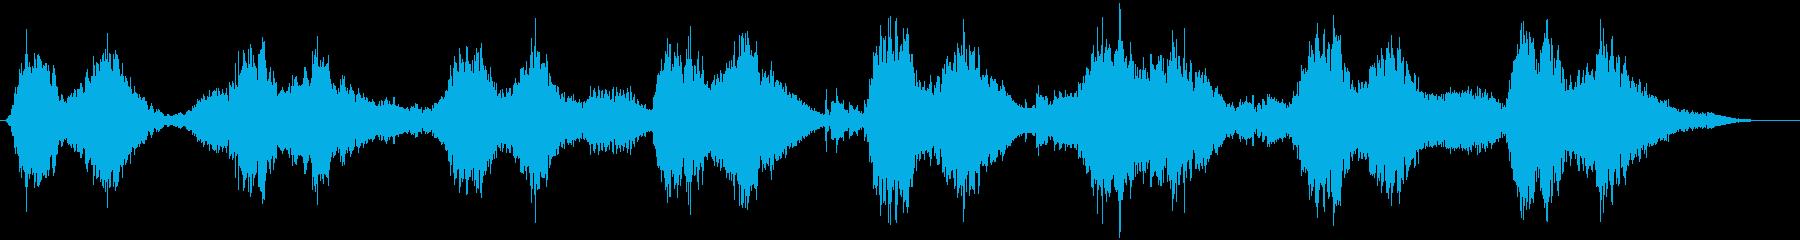 幾何学的揺らぎの不思議なシンセサウンドの再生済みの波形